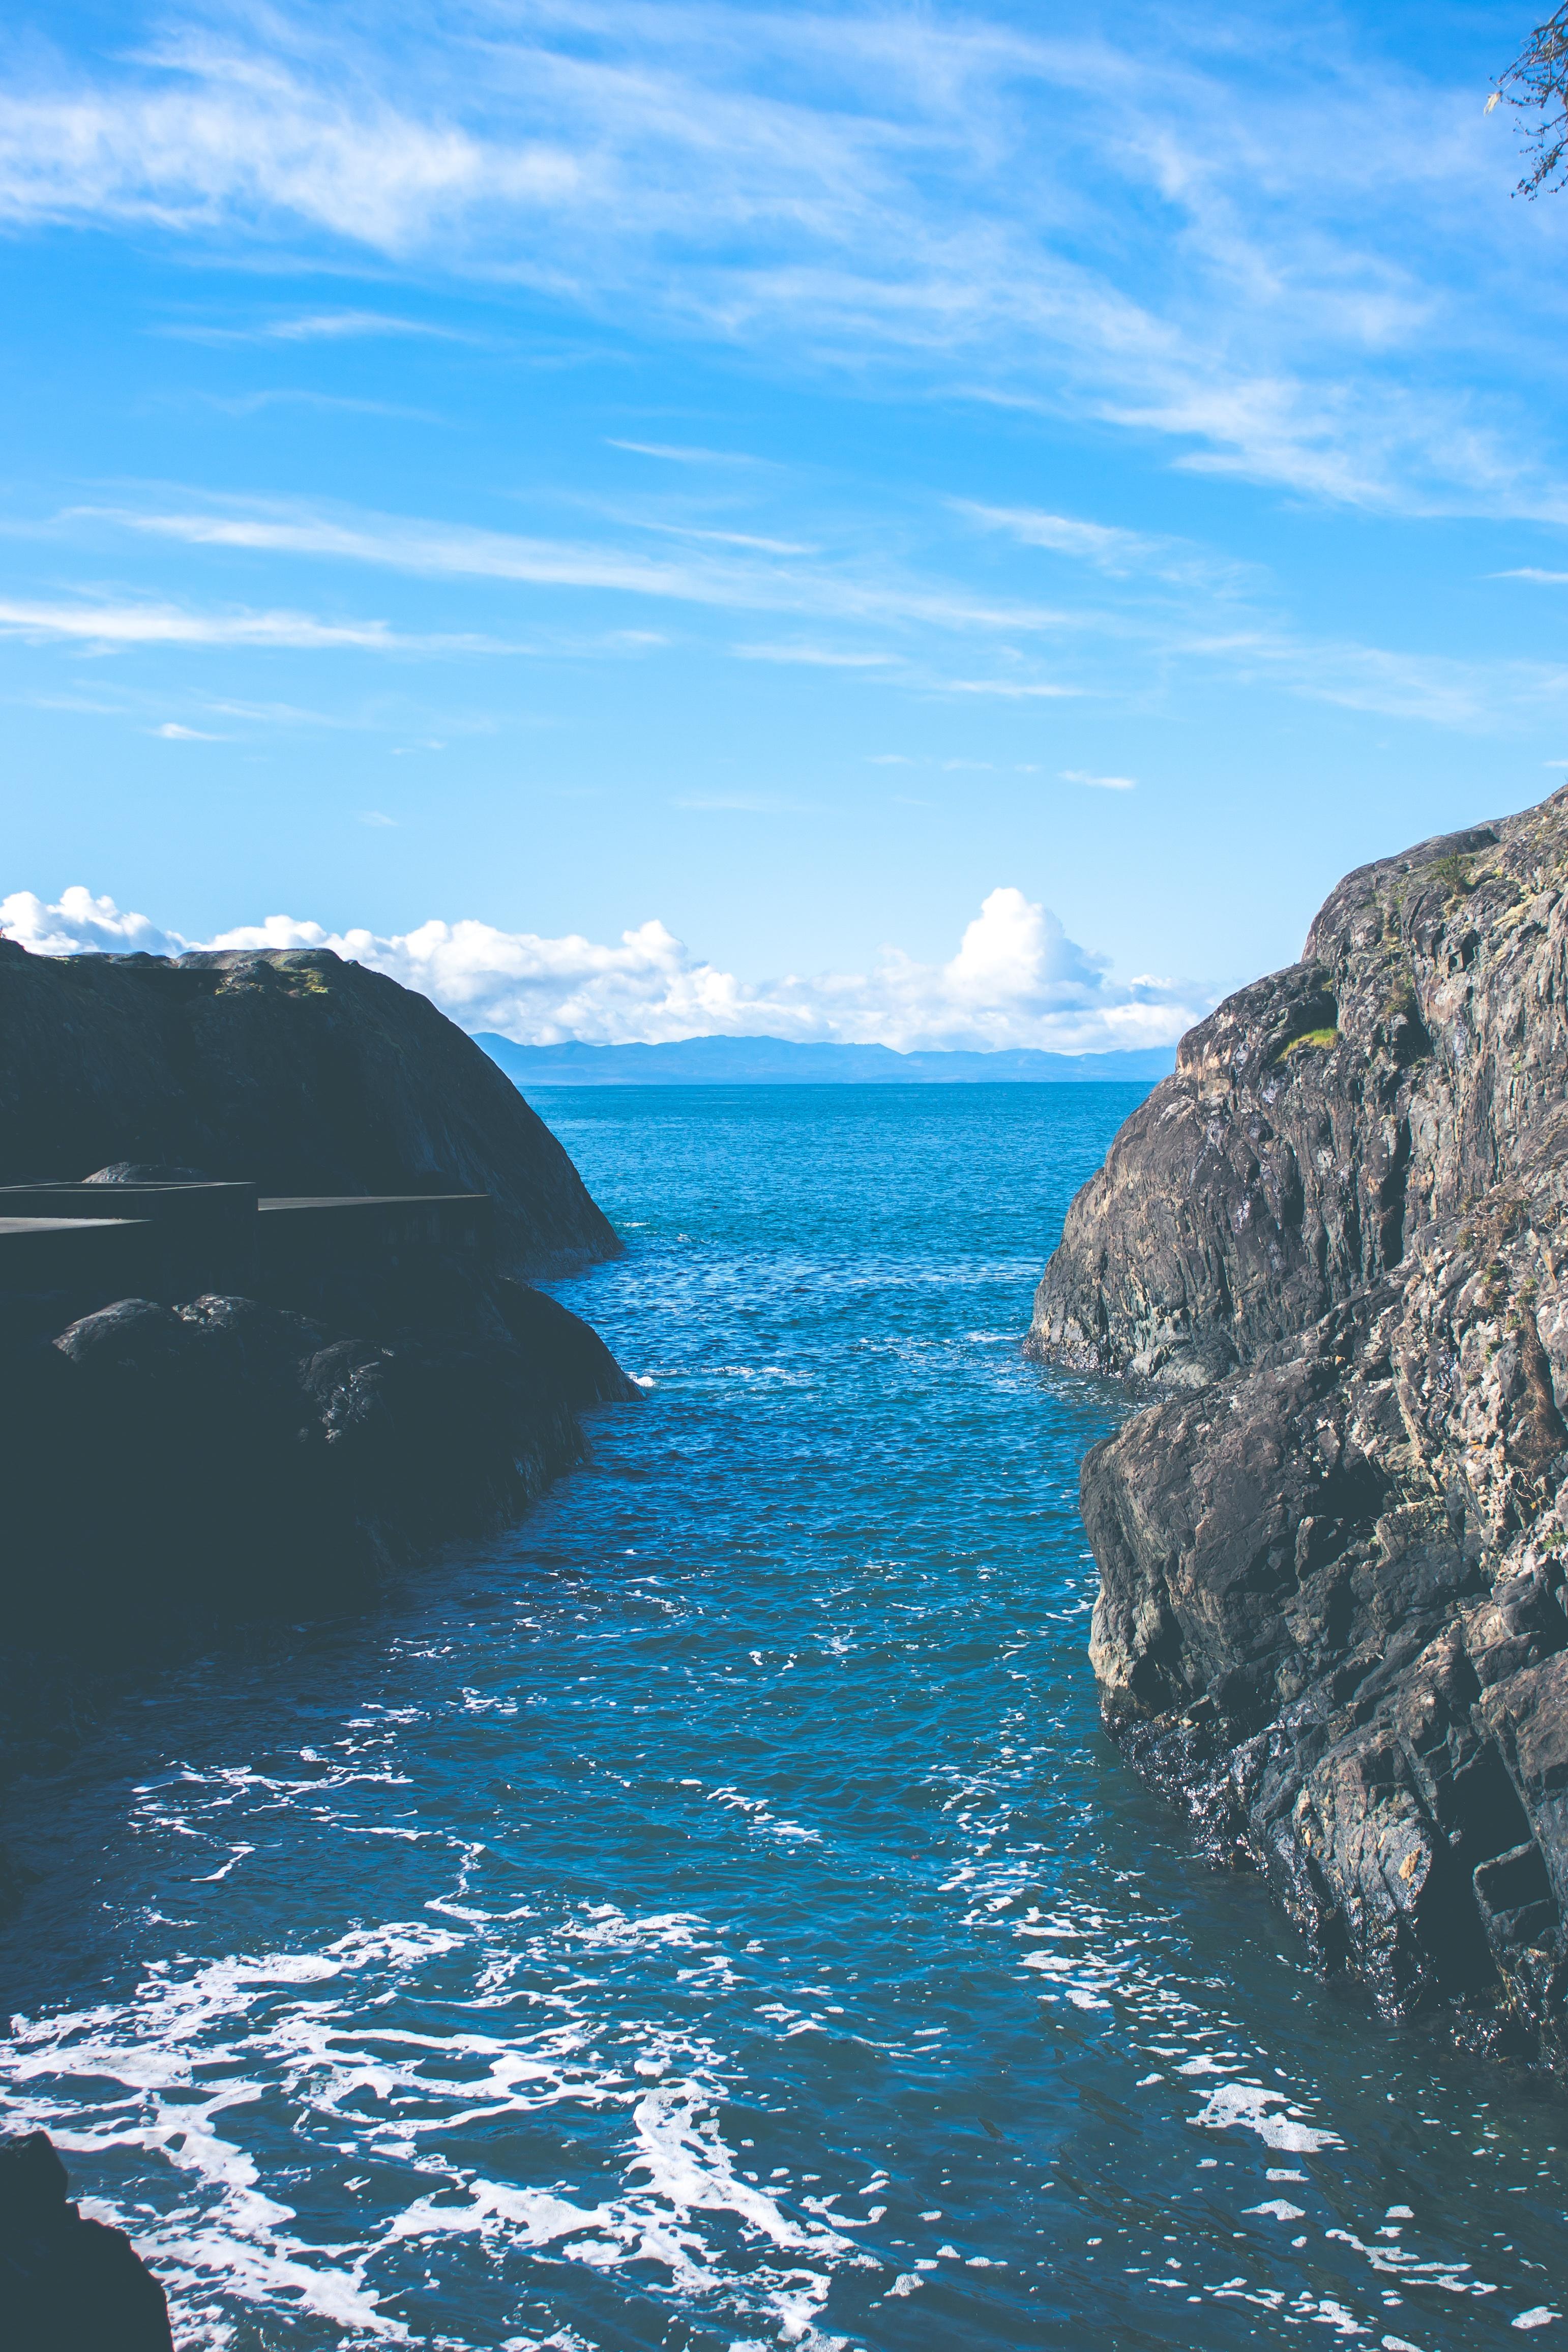 Sea, Beach, Blue, Deep, Flow, HQ Photo